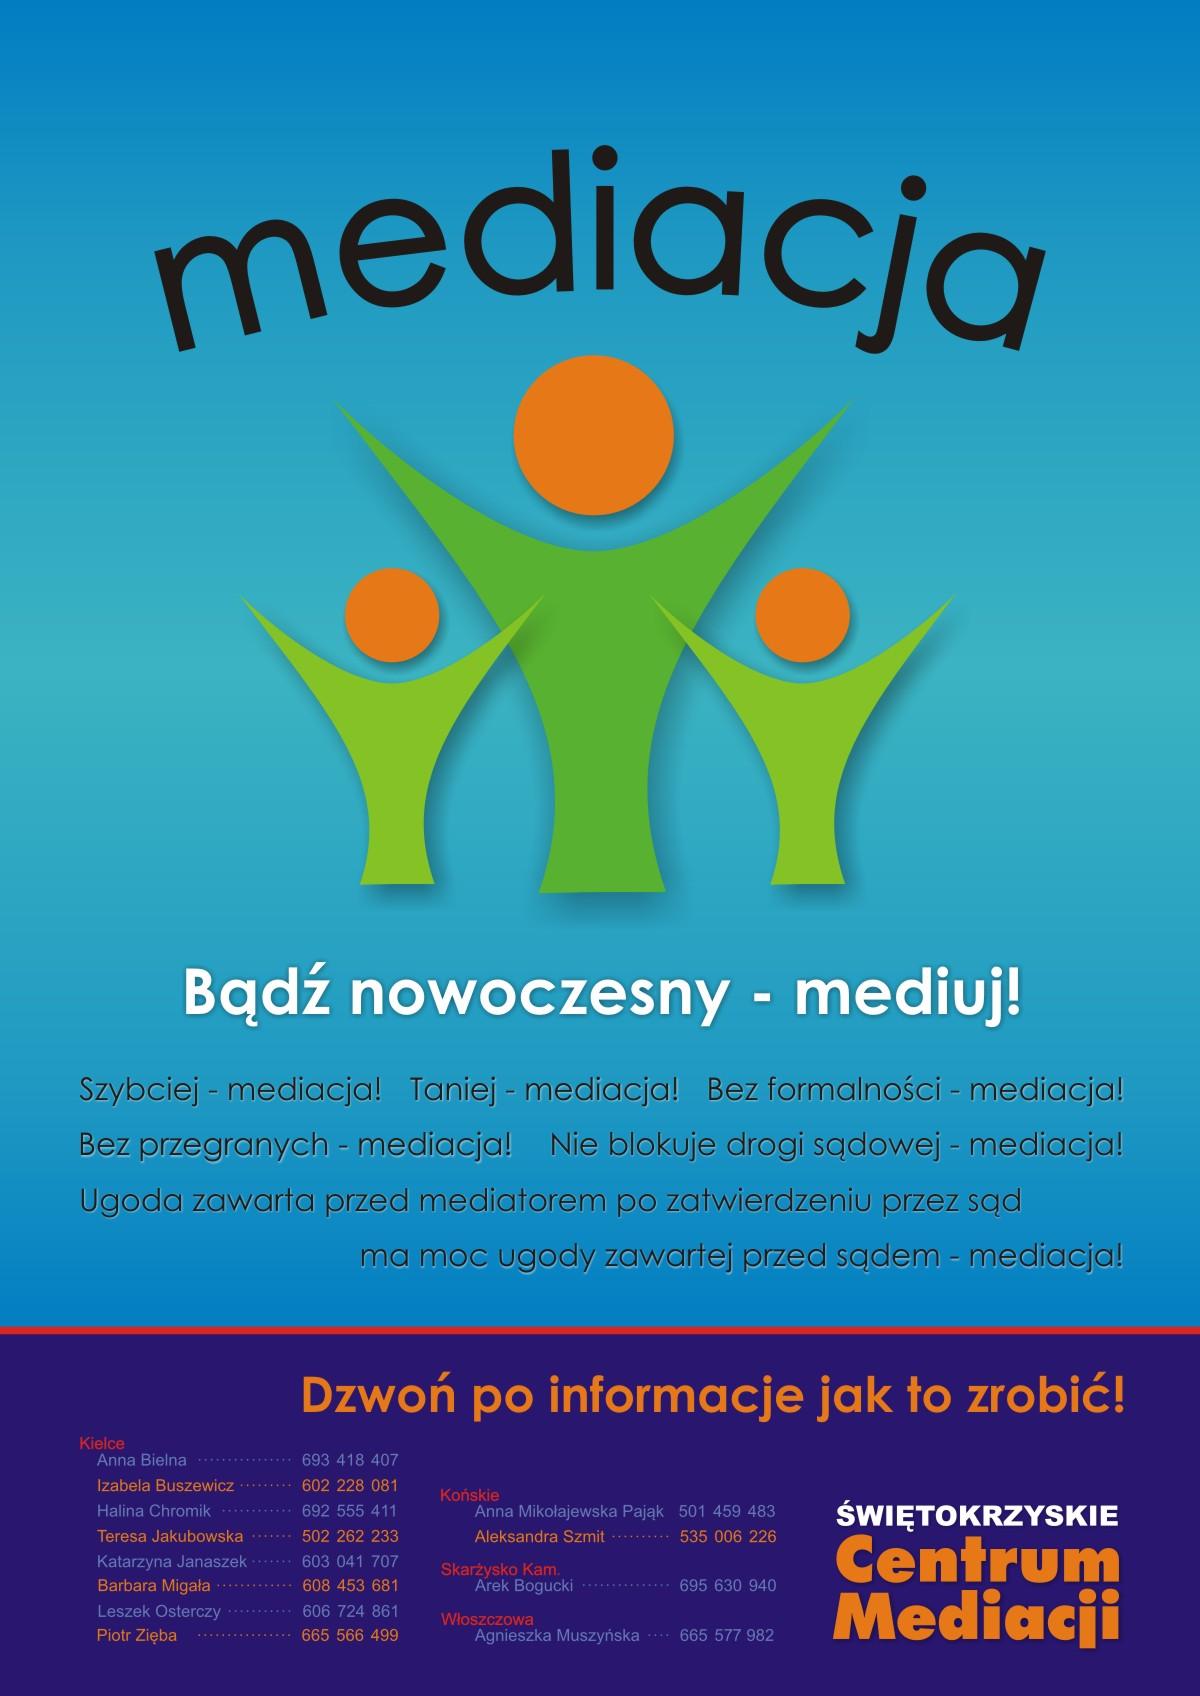 Zaproszenie na spotkanie nt: Mediacja -rozsądna alternatywa- nowy sposób rozwiązywania konfliktów